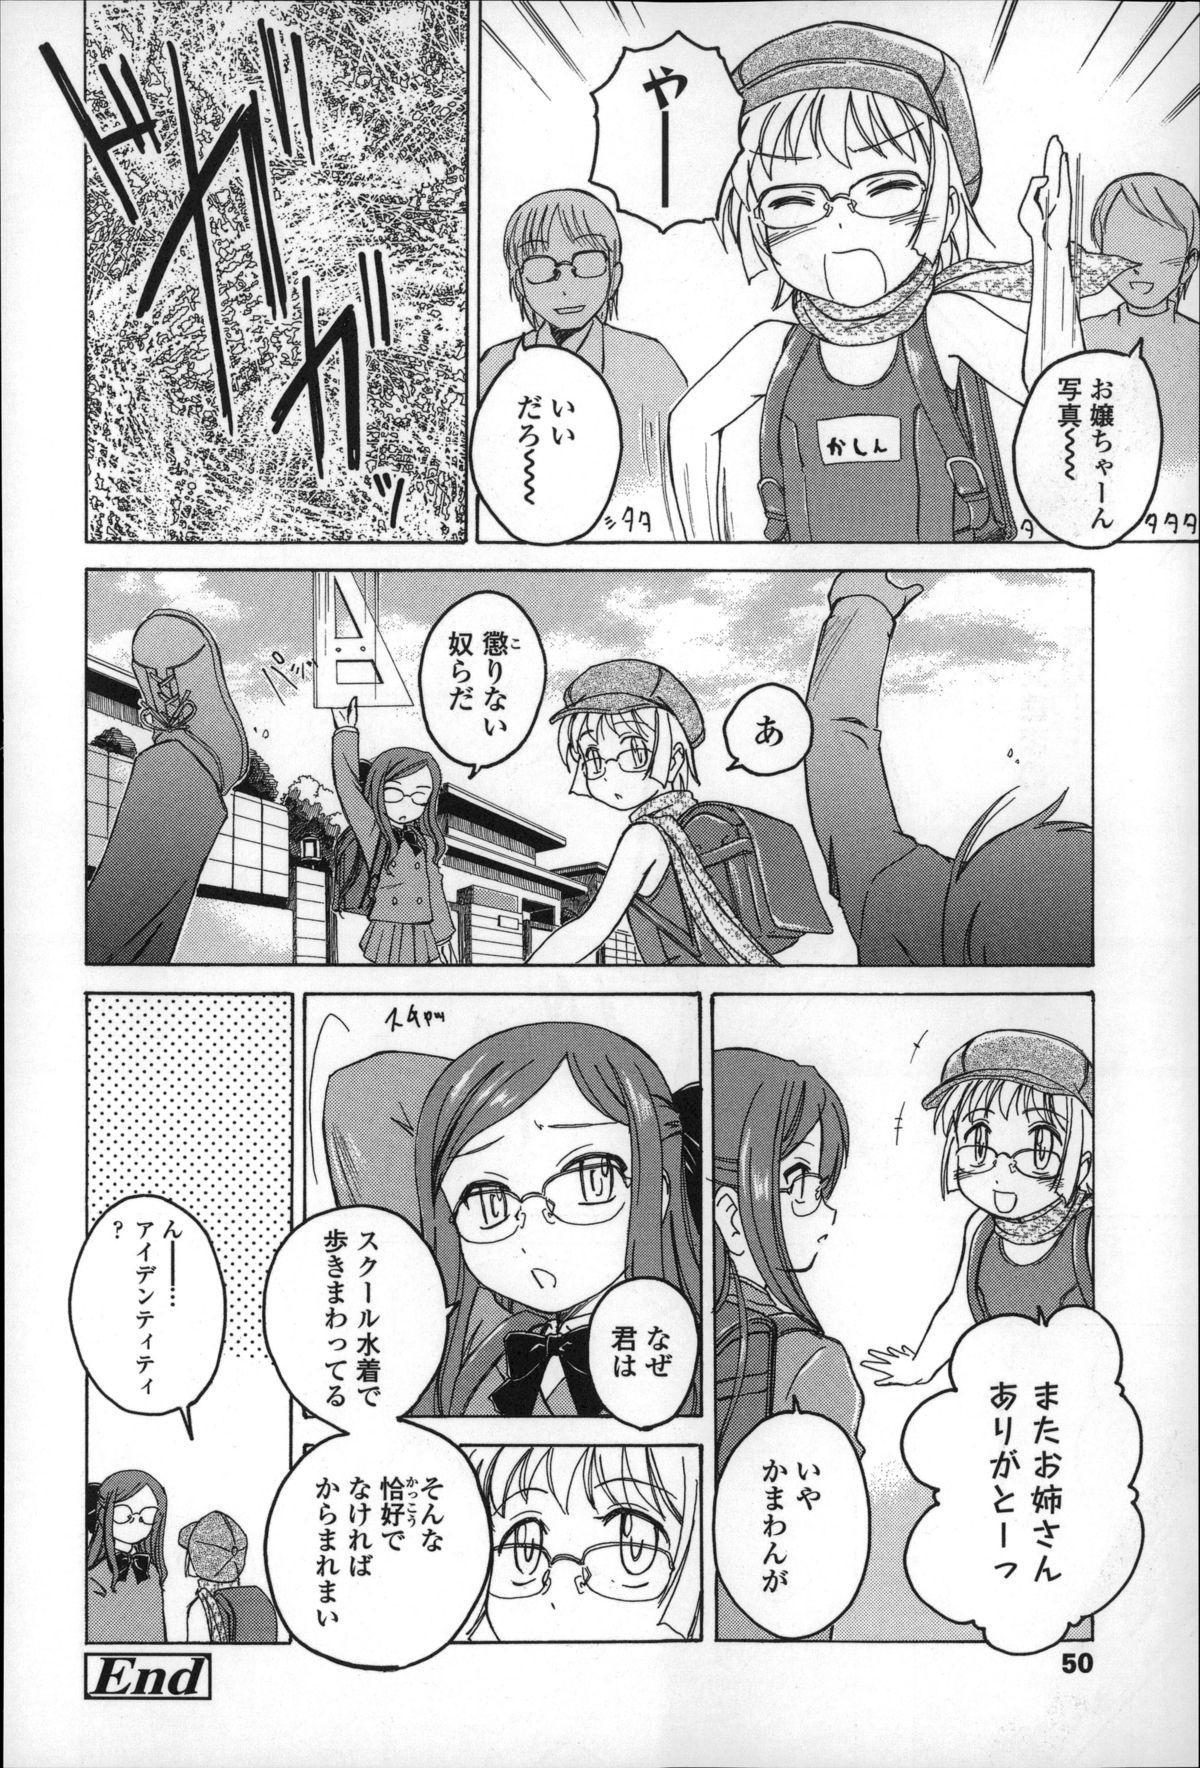 Youshou no Hana no Himitsu - The secret of Girls flowers 53